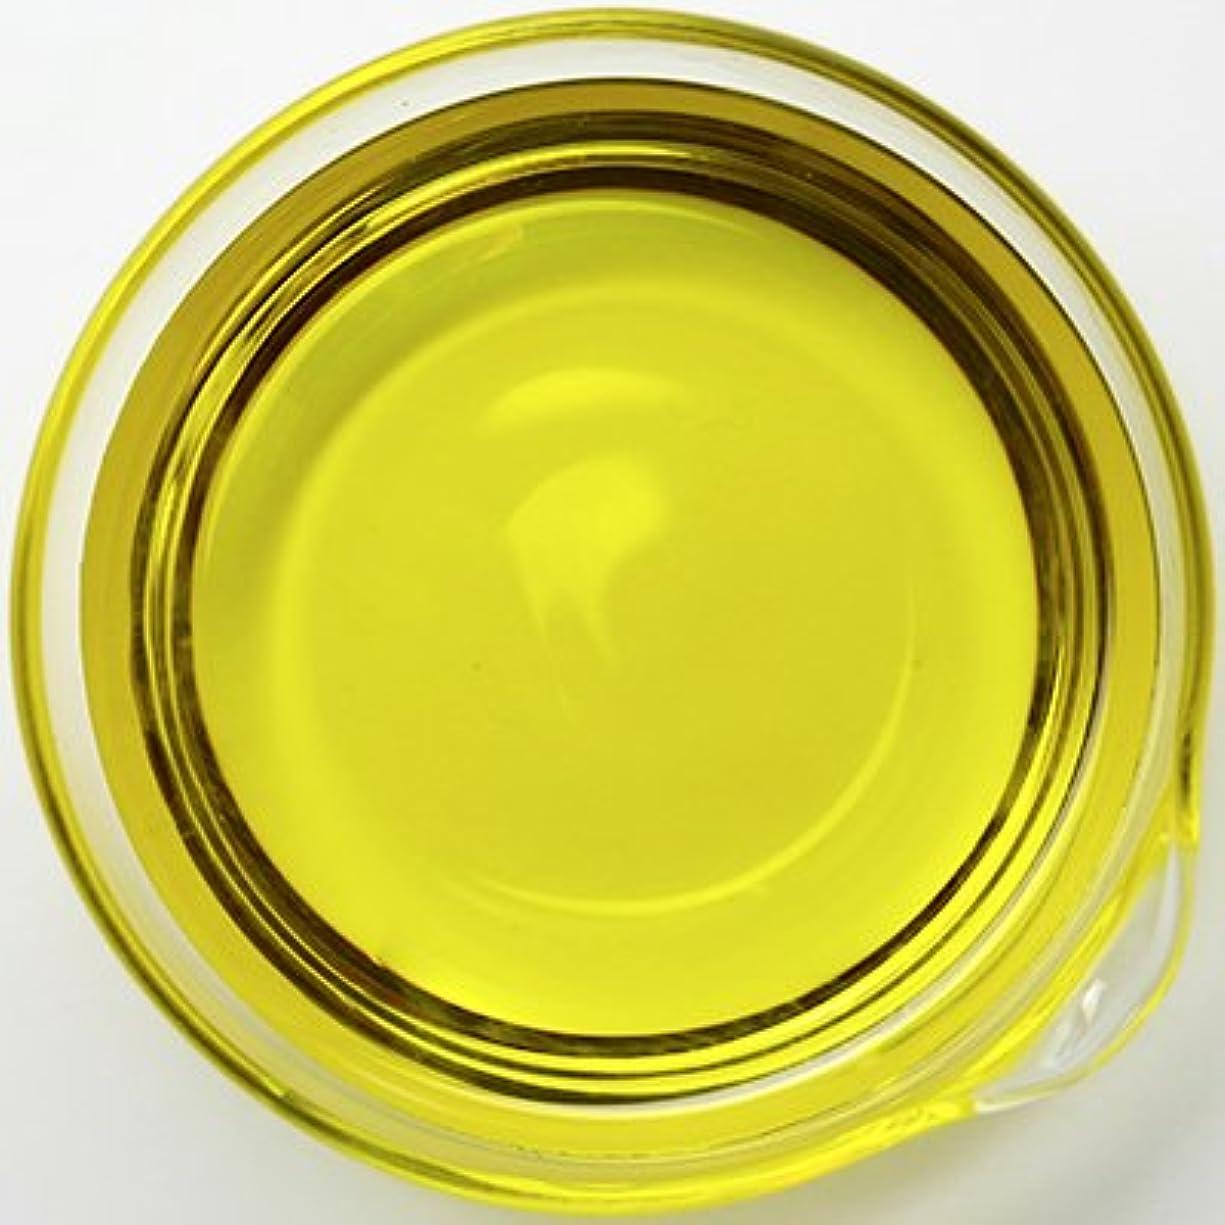 オーガニック アルニカオイル [アルニカ抽出油] 500ml 【アルニカ油/手作り石鹸/手作りコスメ/美容オイル/キャリアオイル/マッサージオイル】